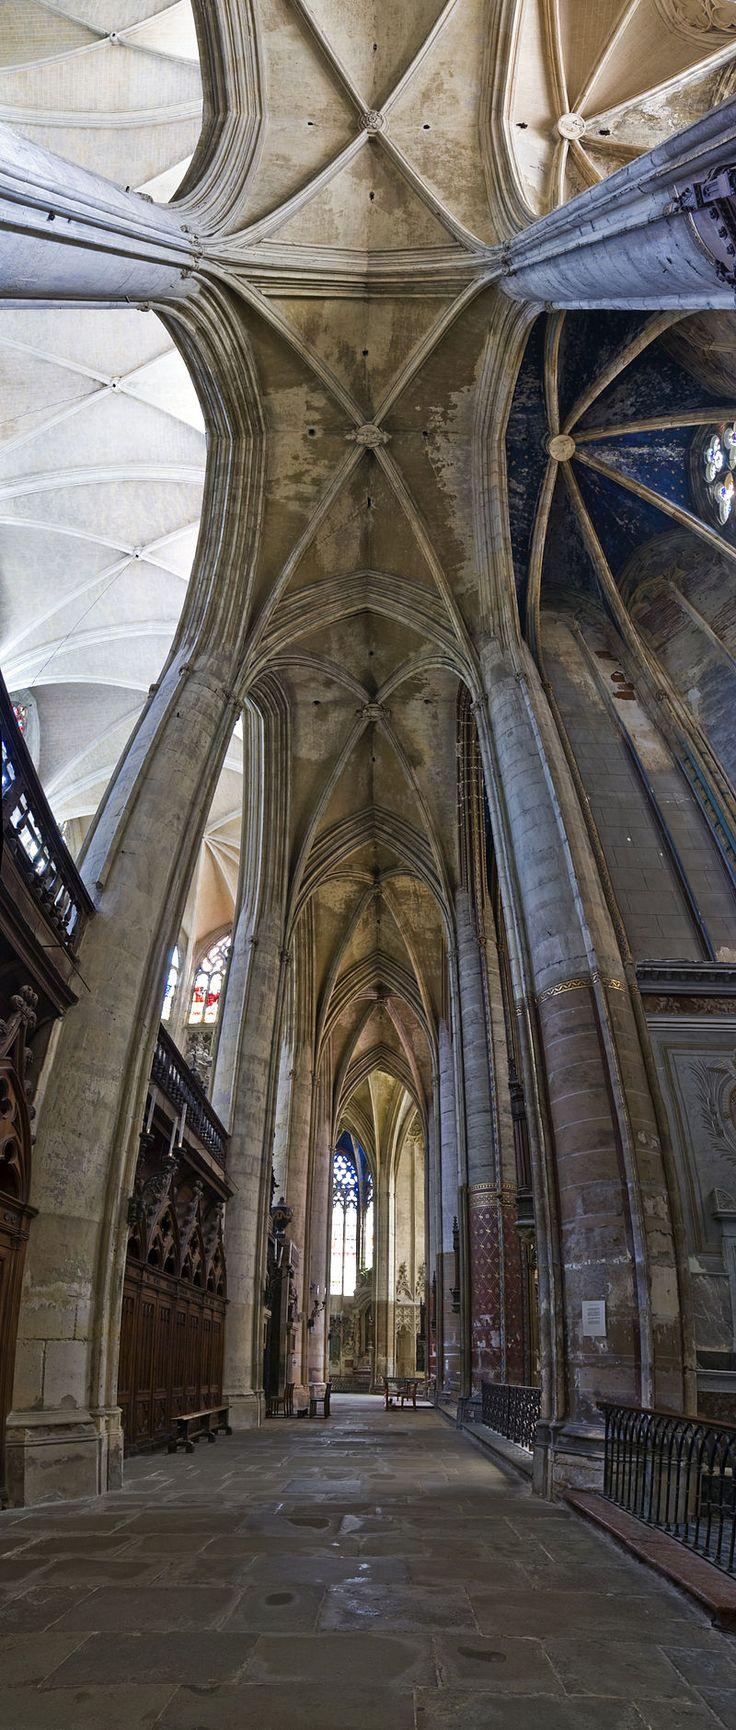 Ambit katedry St. Etienne w Tuluzie (Francja). [za Wikipedia]